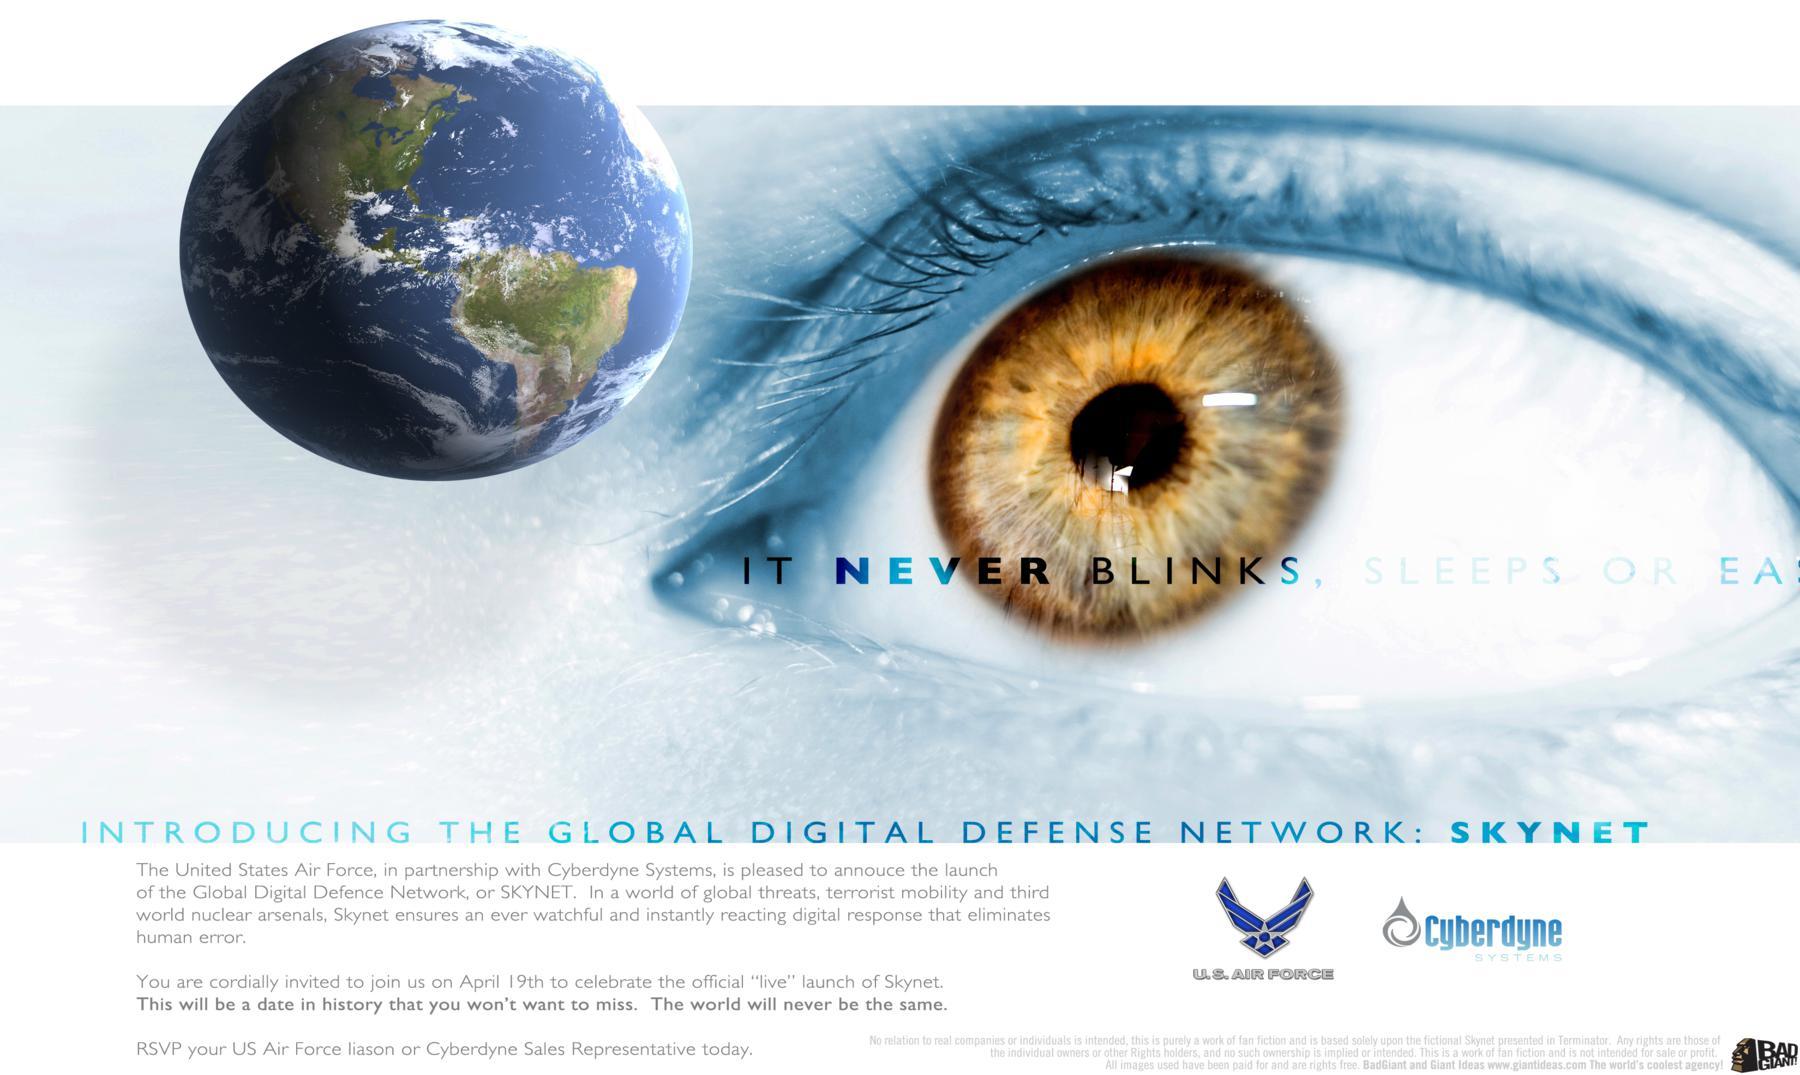 ¿Llegará Internet a desarrollar su propia conciencia?